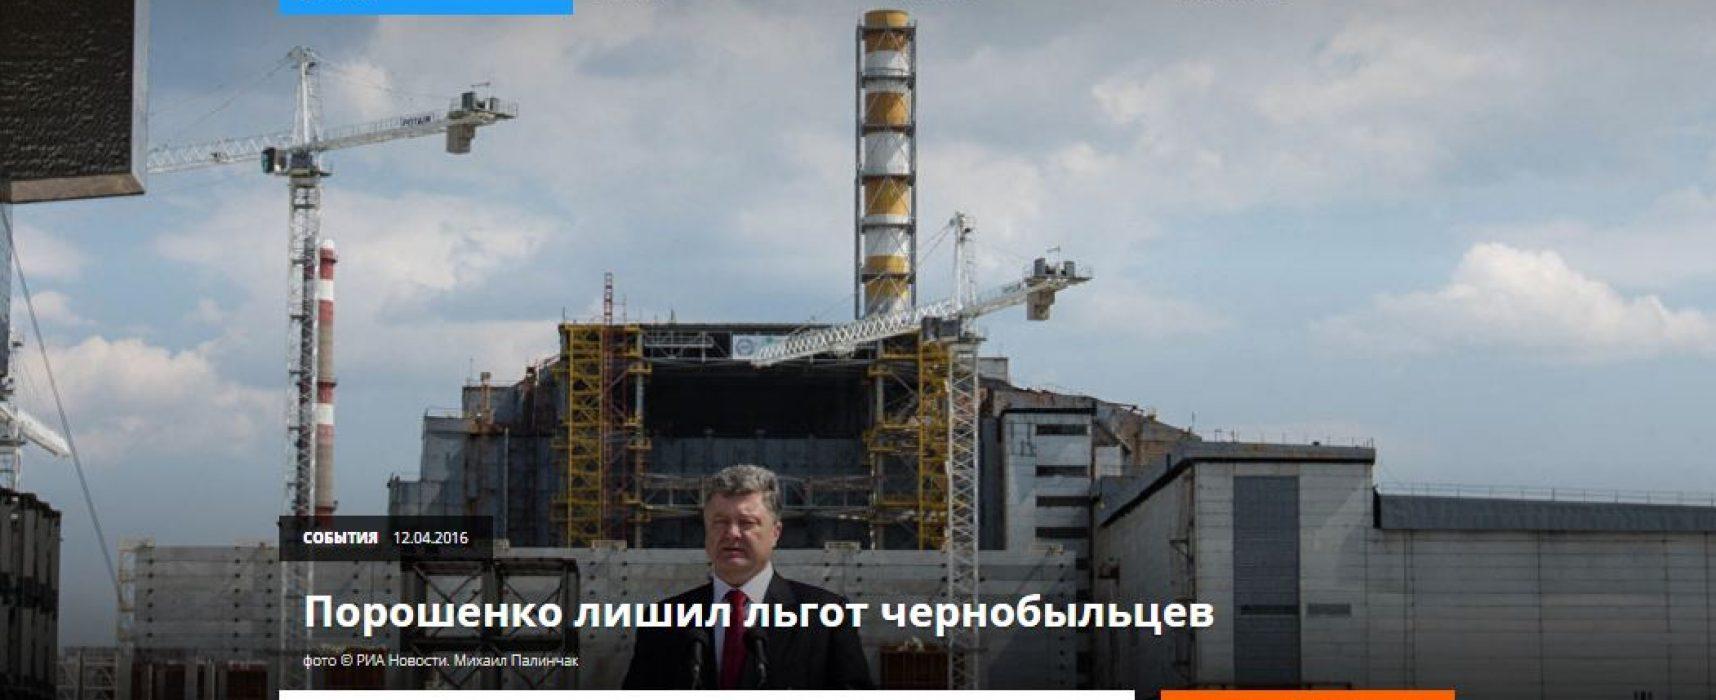 Fake: Poroshenko a retiré des avantages sociaux aux «liquidateurs» de Tchernobyl